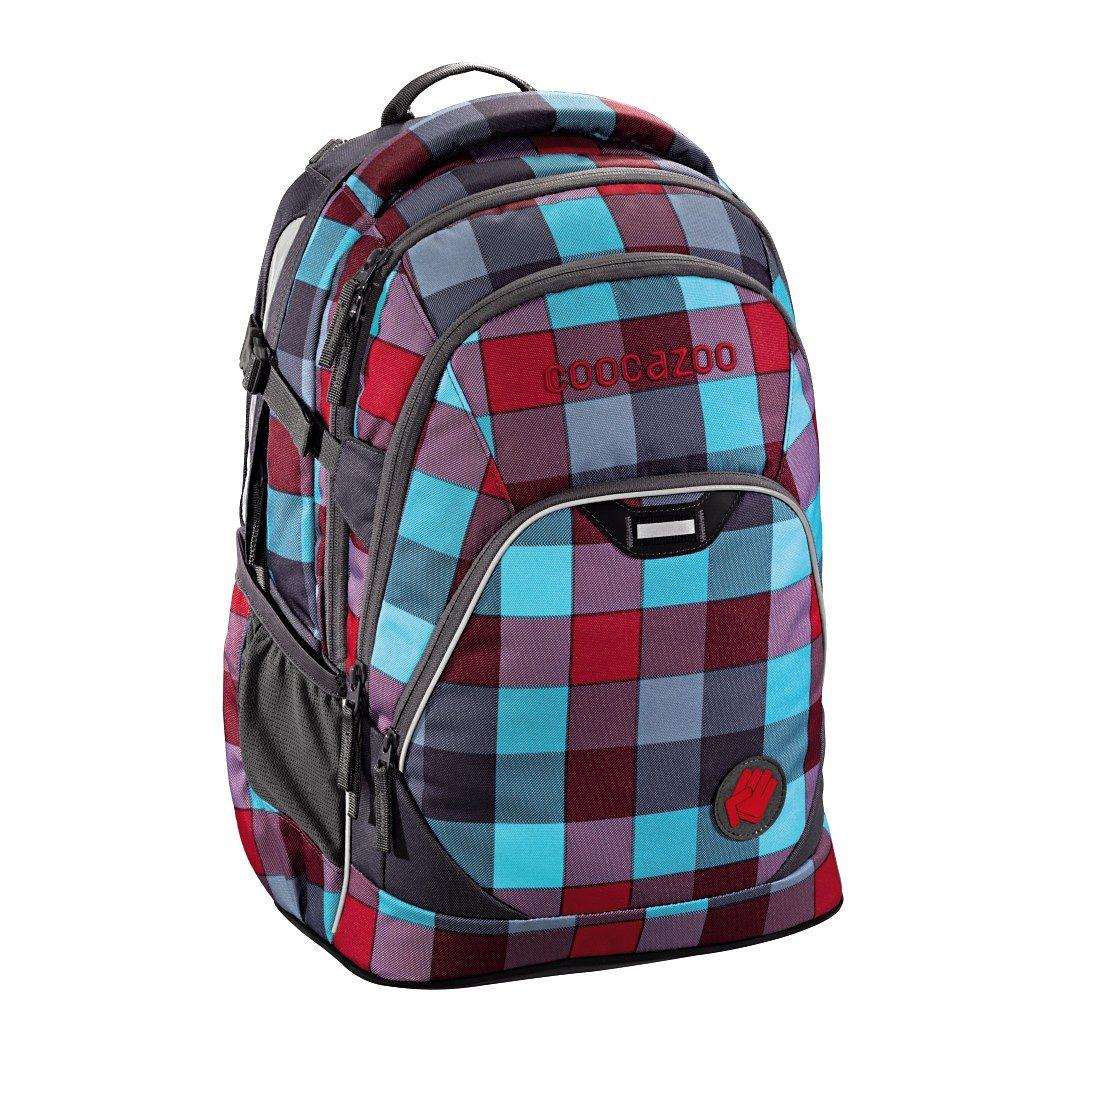 """Coocazoo Rucksack """"EvverClevver2"""" mit Laptopfach, Pink District »Außenmaße 30 x 45 x 20 cm«"""